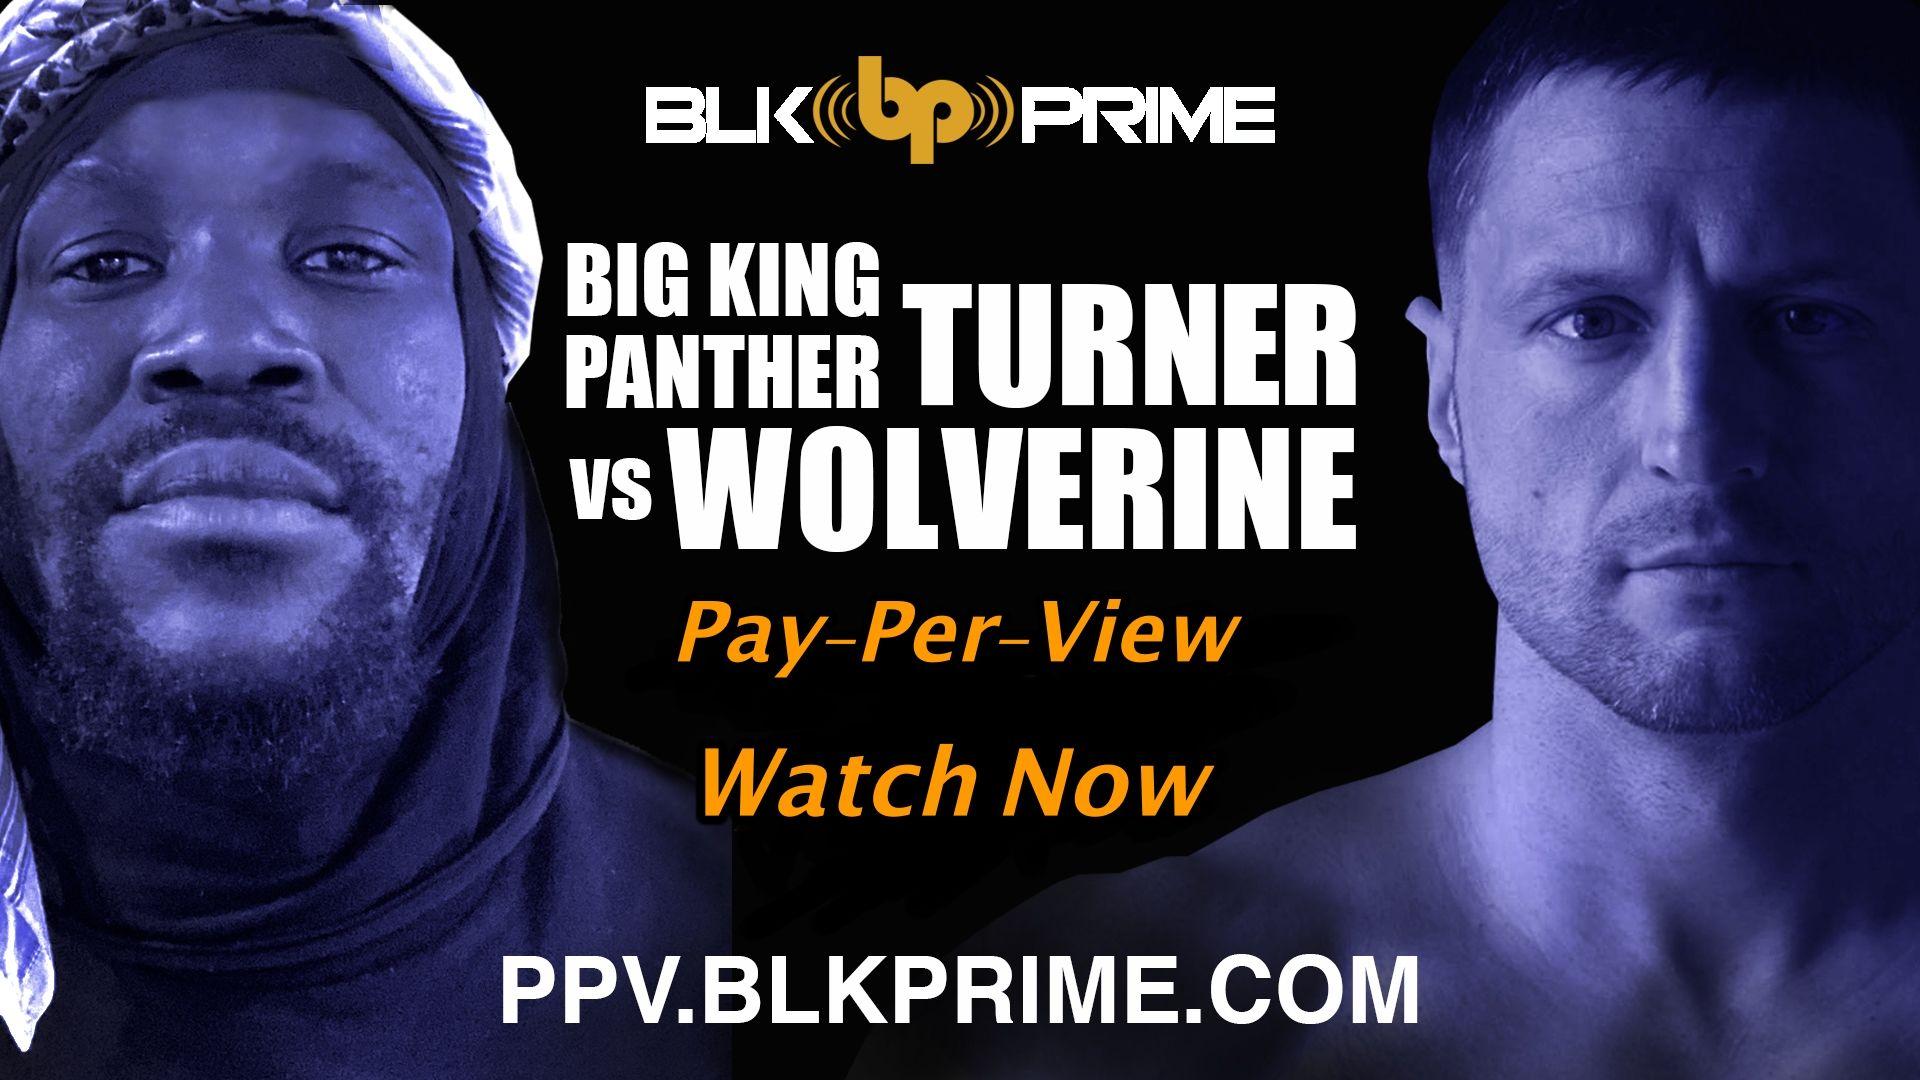 Big King Panther Turner Vs Wolverine BLK Prime Boxing